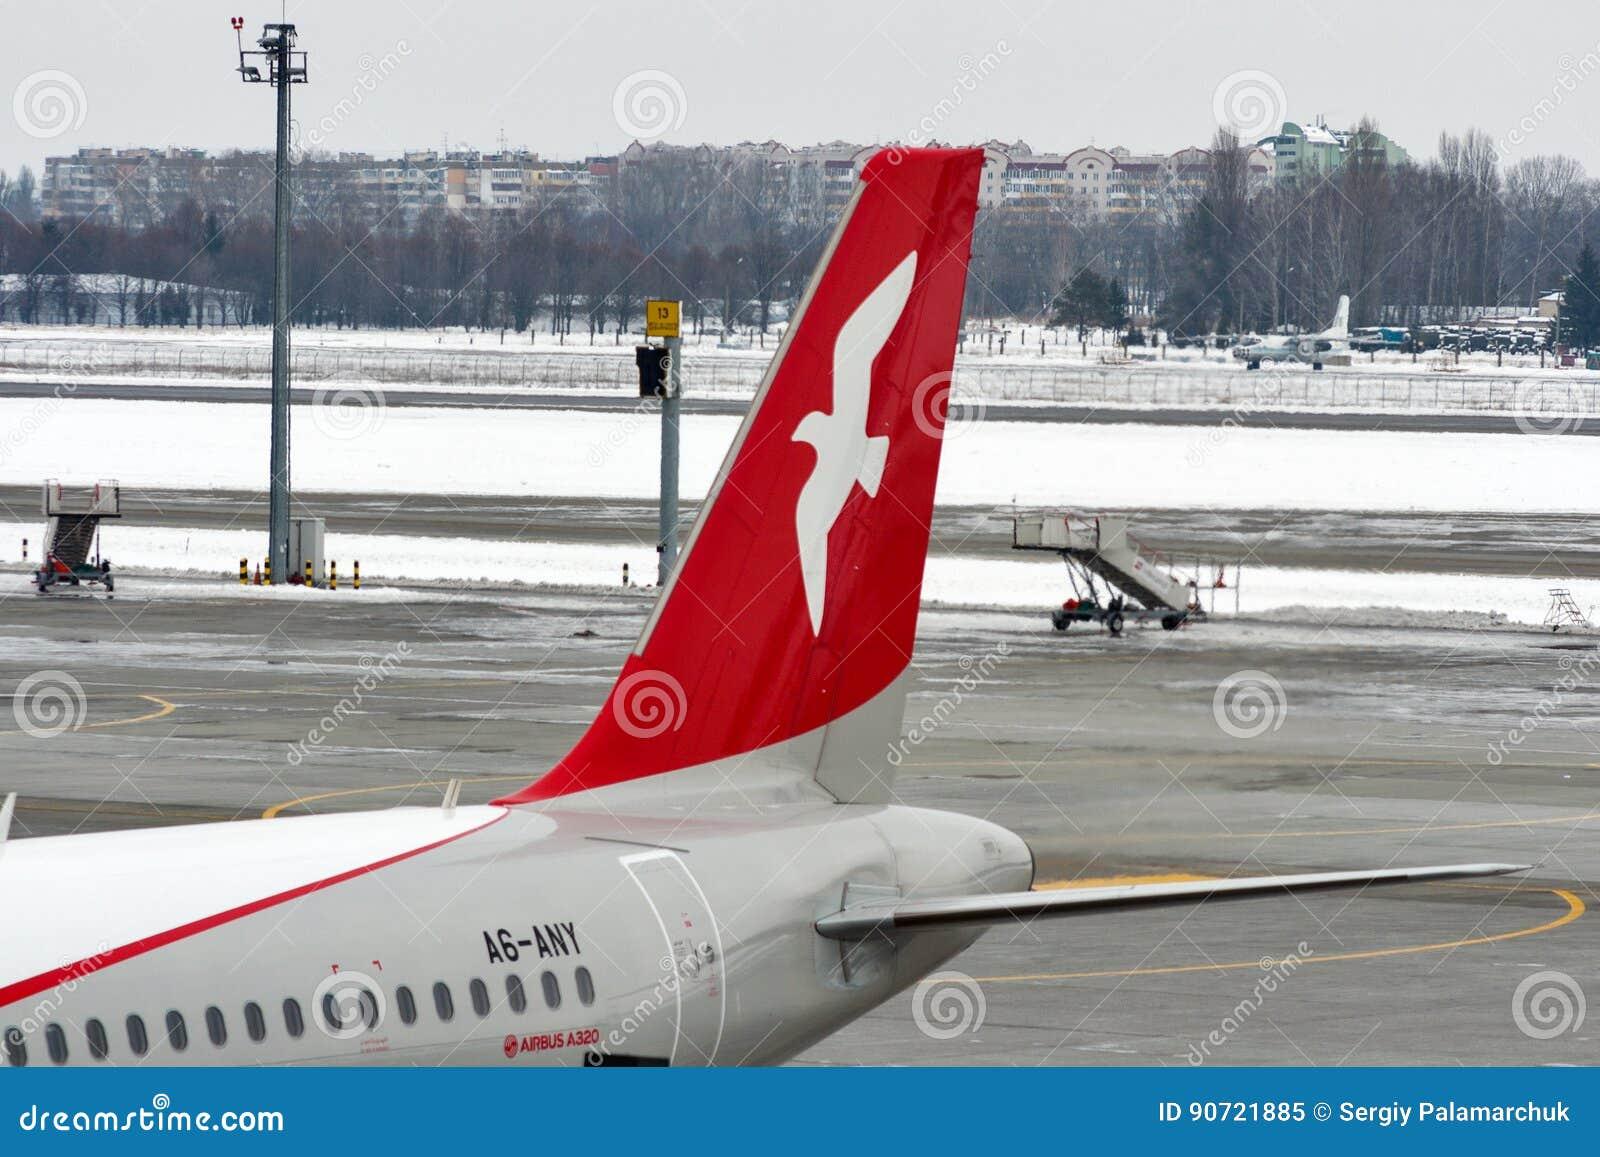 Aeroporto Kiev : Avião de air arabia no aeroporto de boryspil kiev ucr nia imagem